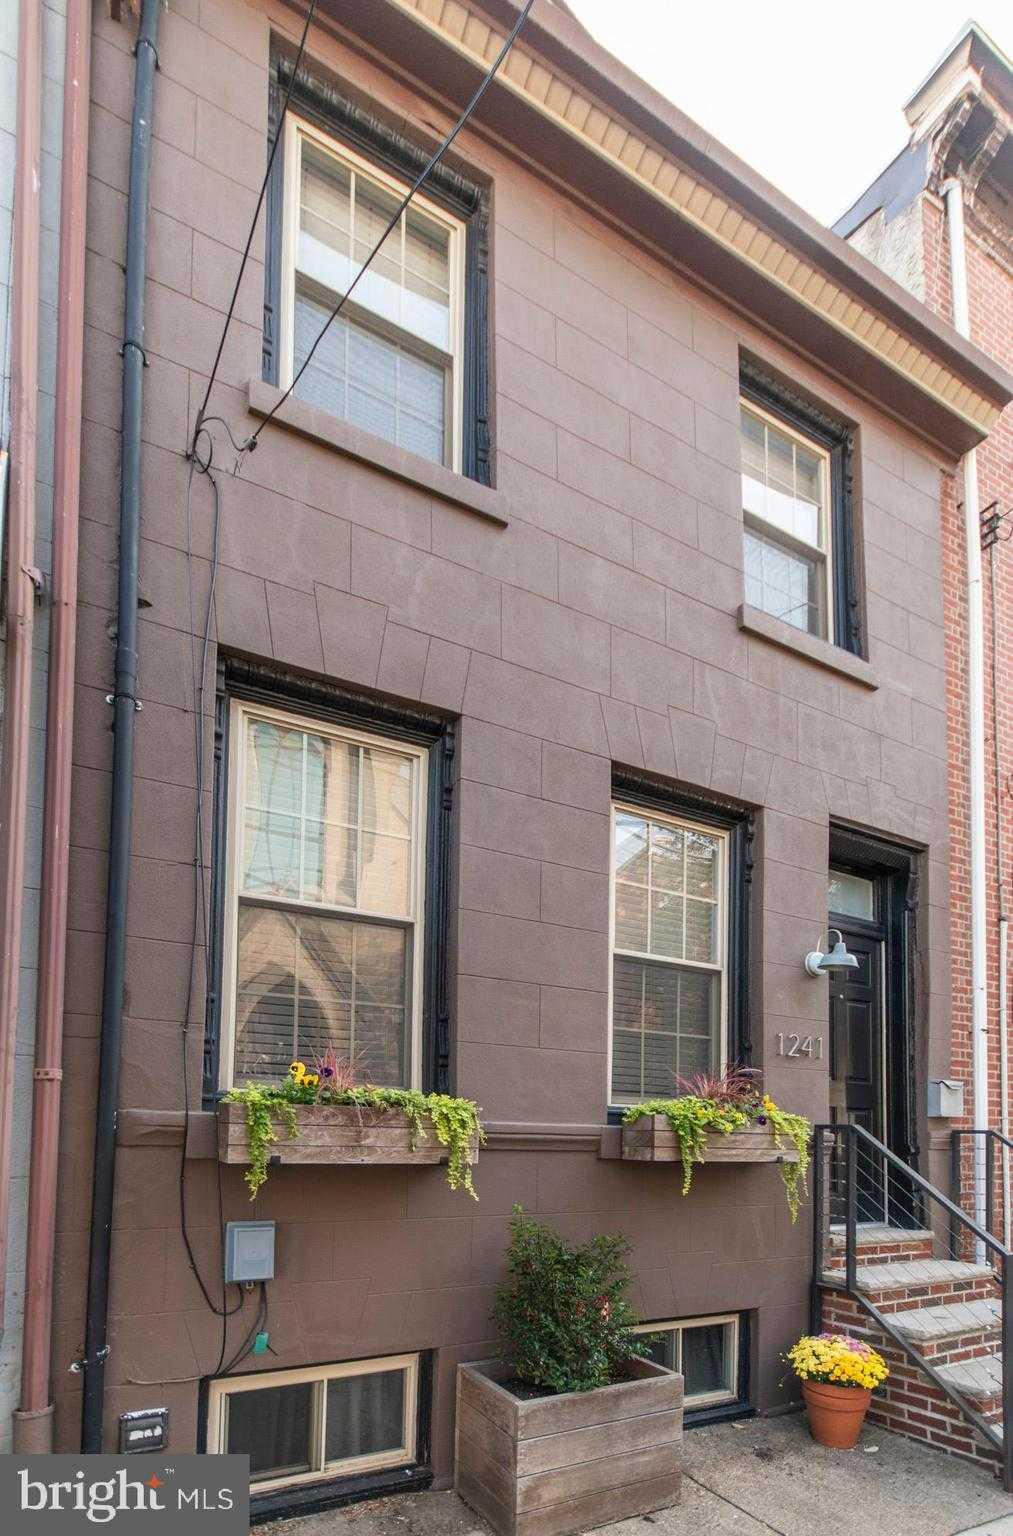 $449,000 - 3Br/3Ba -  for Sale in Fishtown, Philadelphia